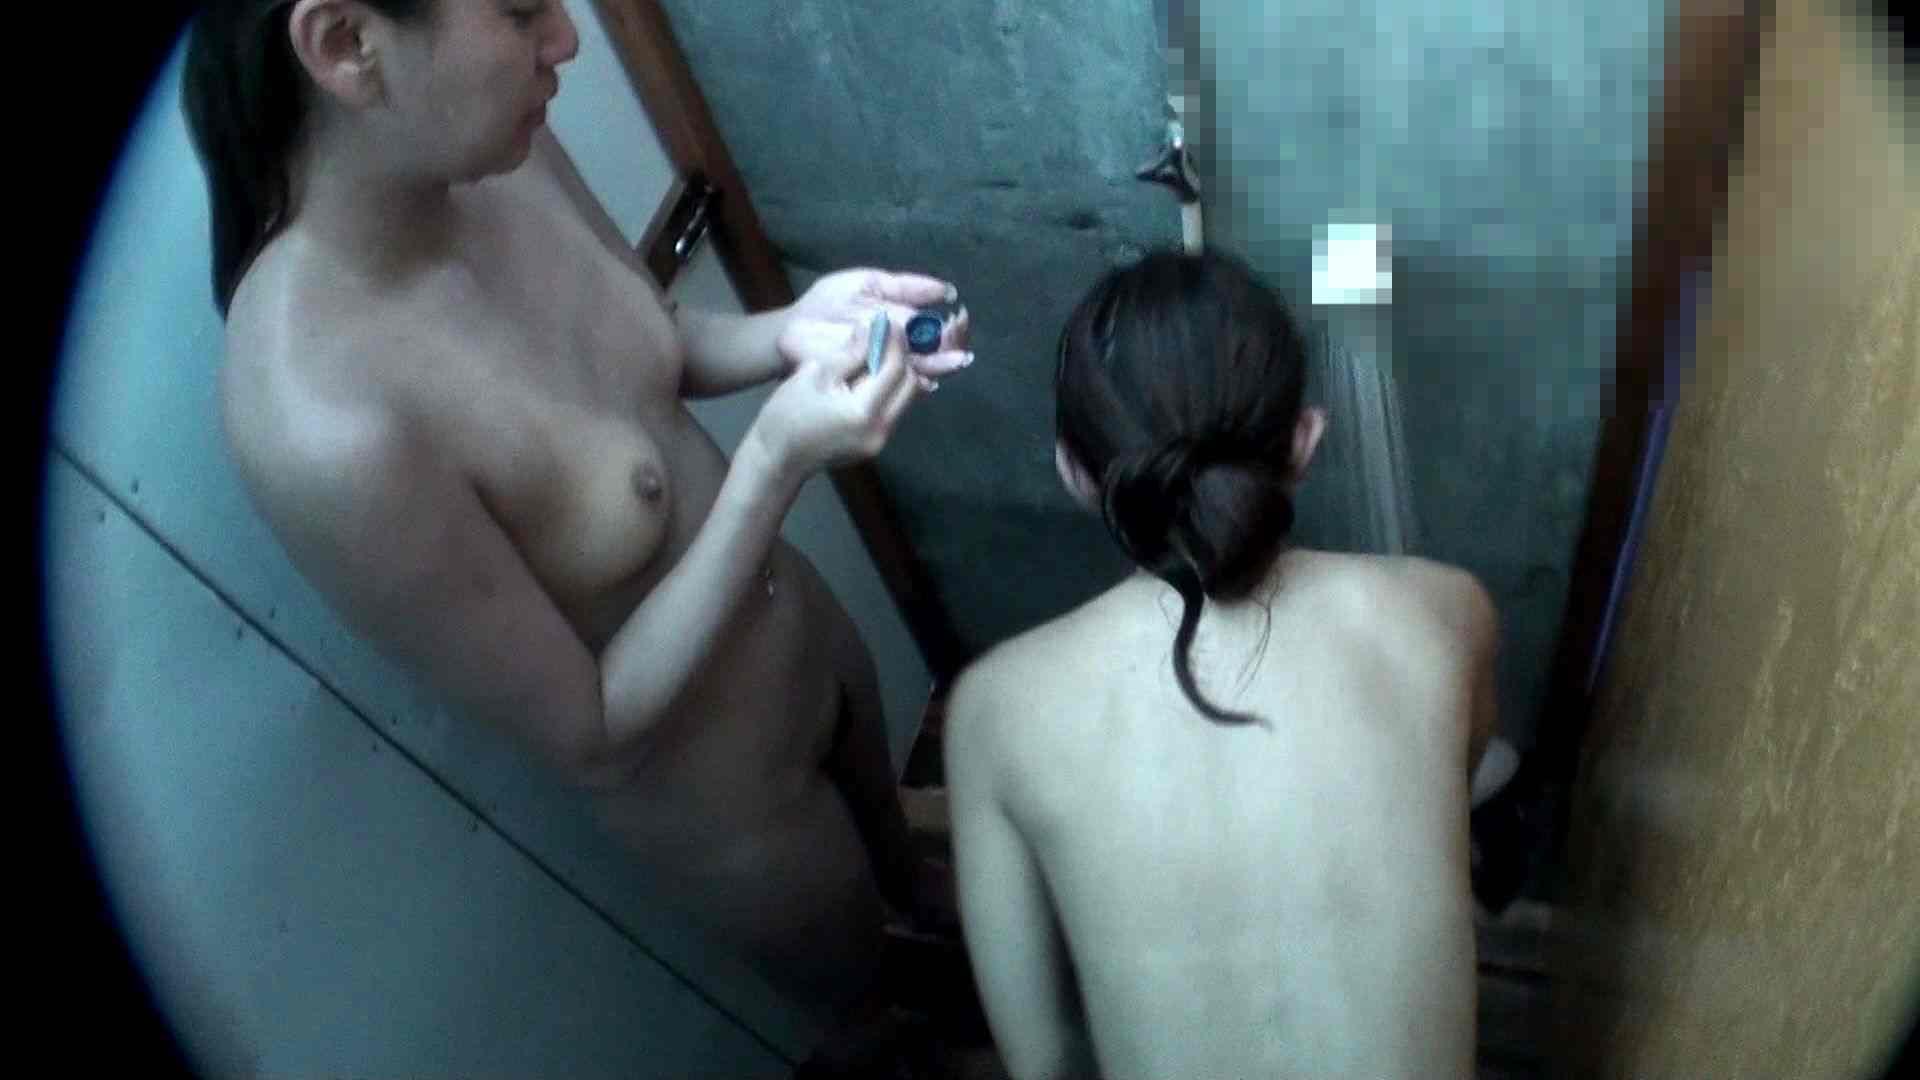 シャワールームは超!!危険な香りVol.8 マリンスポーツが似合いそうなスレンダーなお姉さん2人組 美女OL  52連発 44